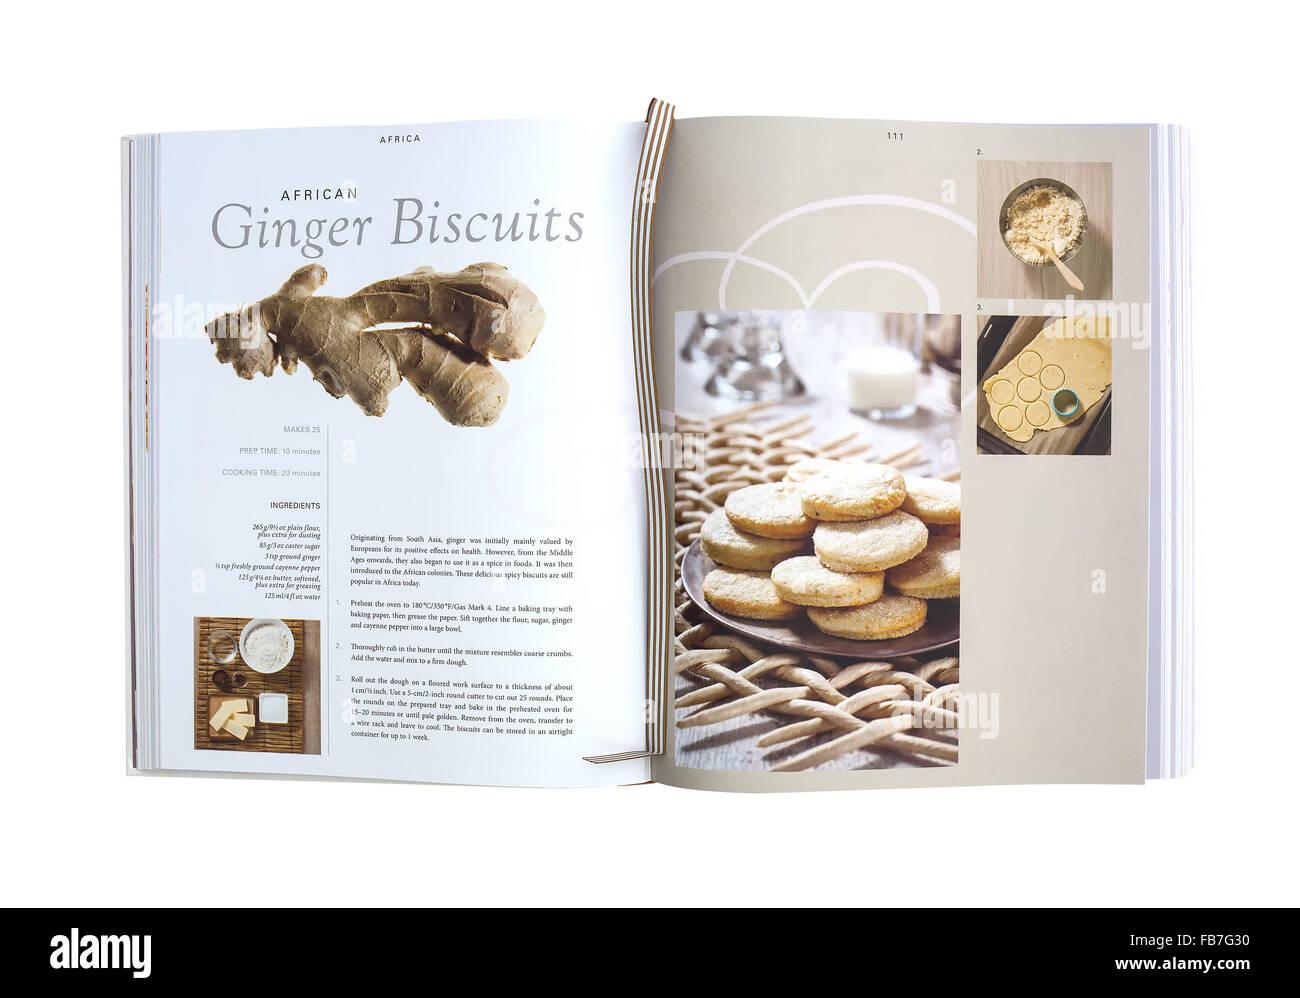 Recette de biscuits au gingembre africain de la cuire Cook Book Photo Stock